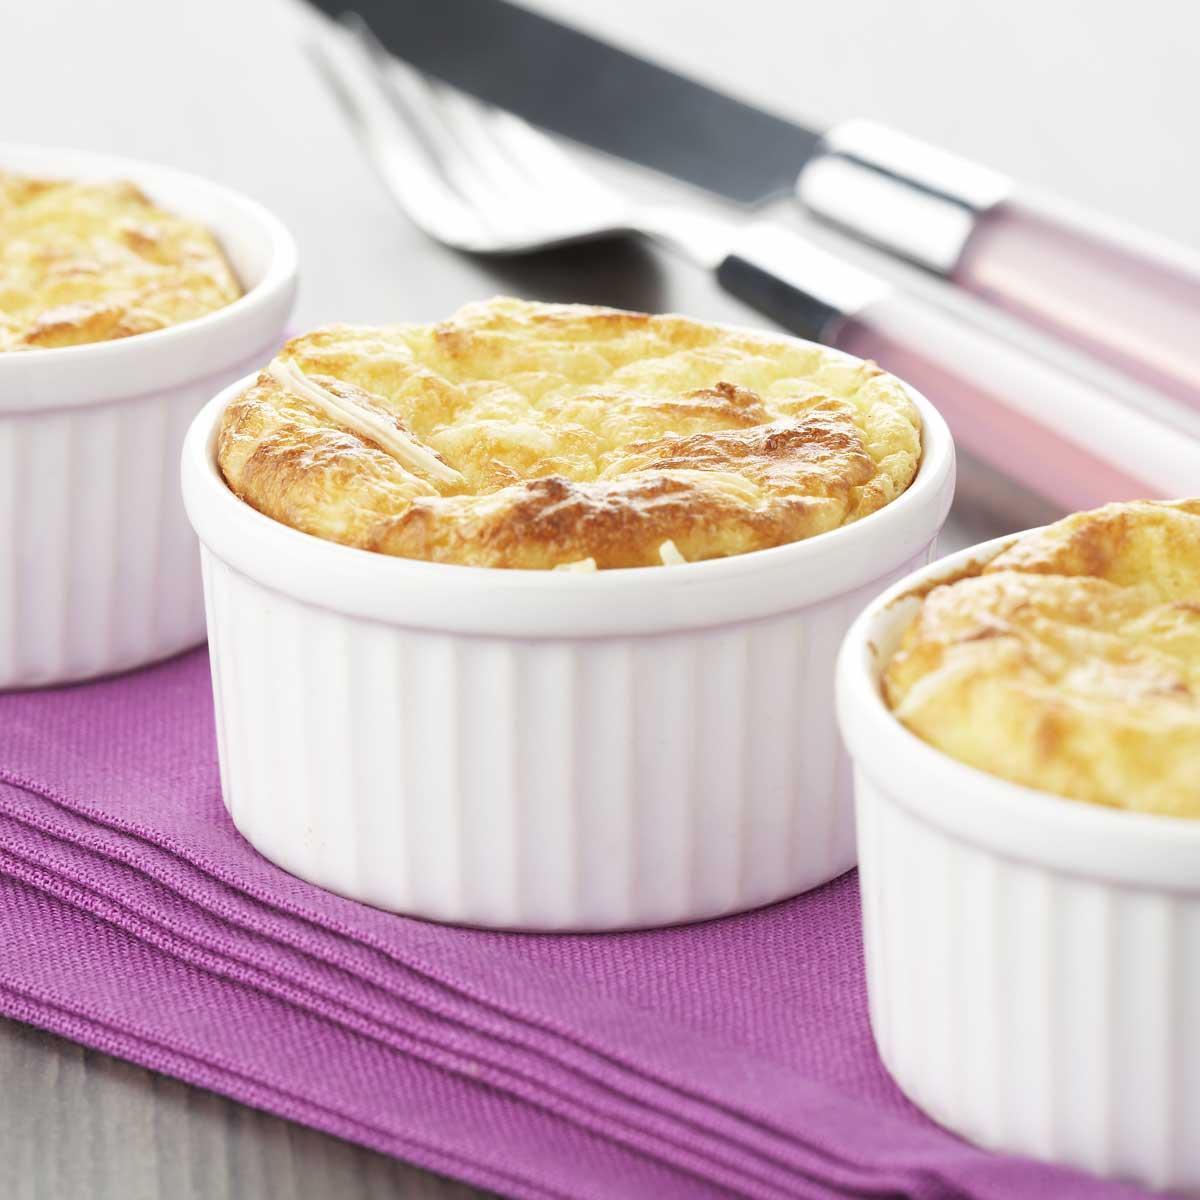 Souffl de pommes de terre au fromage une recette f te cuisine le figaro madame - Arte cuisine des terroirs recettes ...